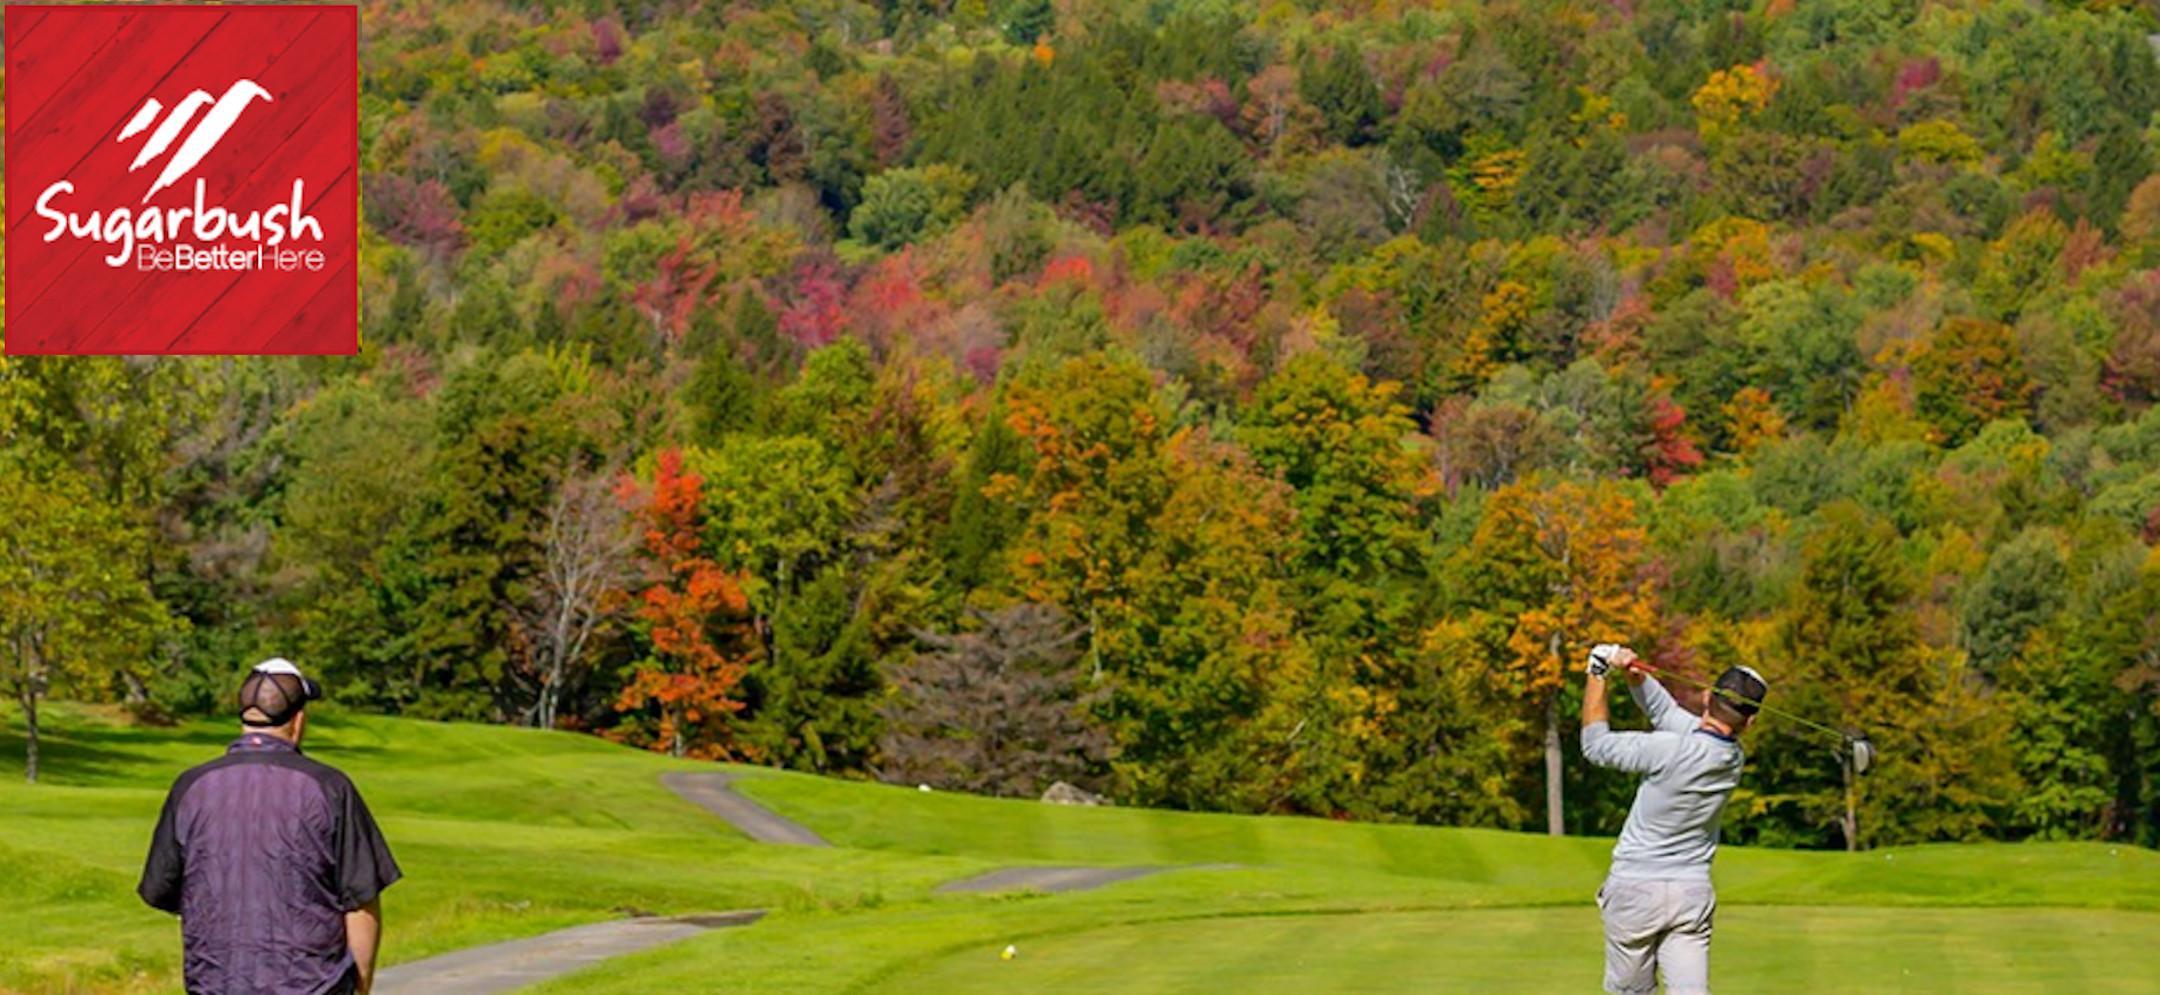 2021 Vermont CU Golf Challenge at Sugarbush Resort Golf Club